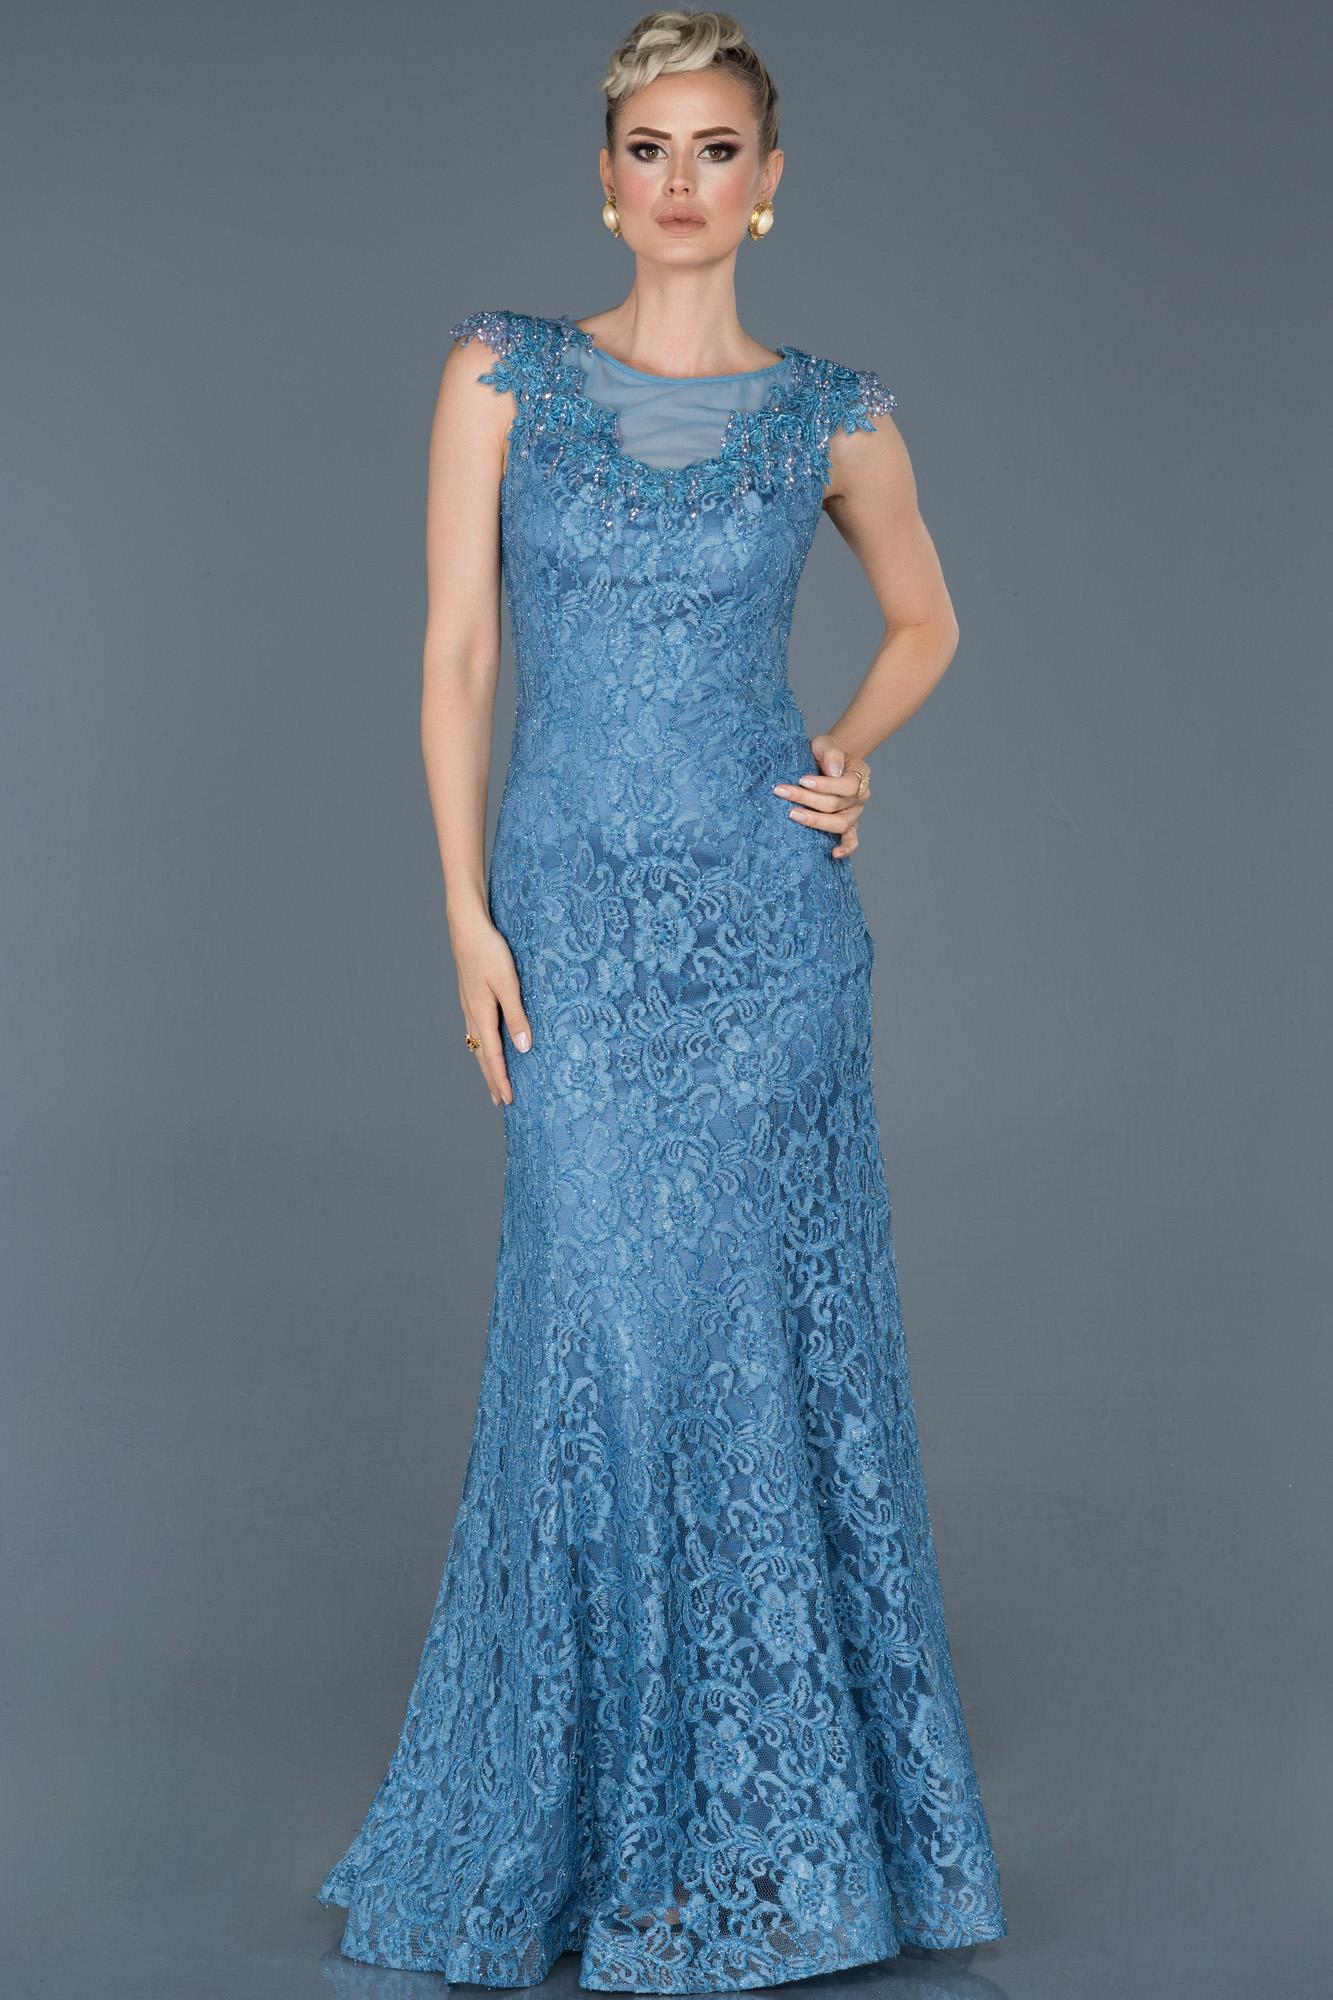 Indigo Uzun Güpürlü Taş Işlemeli Nişan Elbisesi